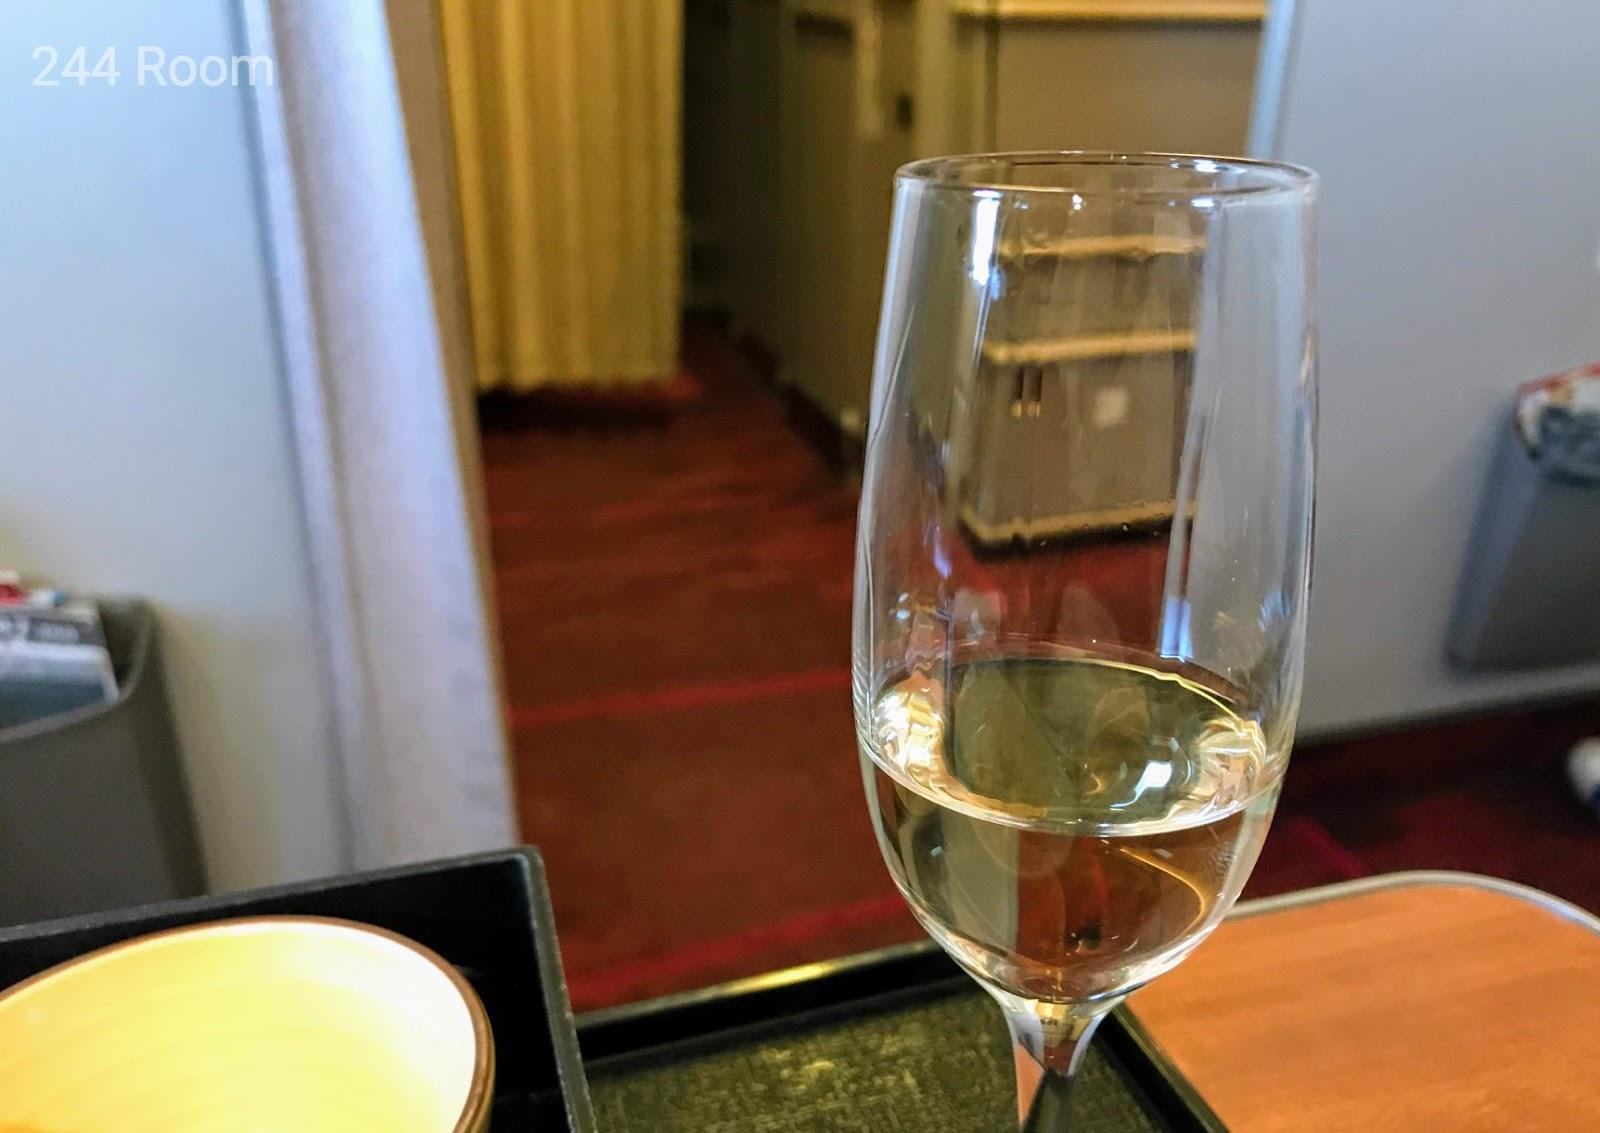 JALファーストクラスシャンパン